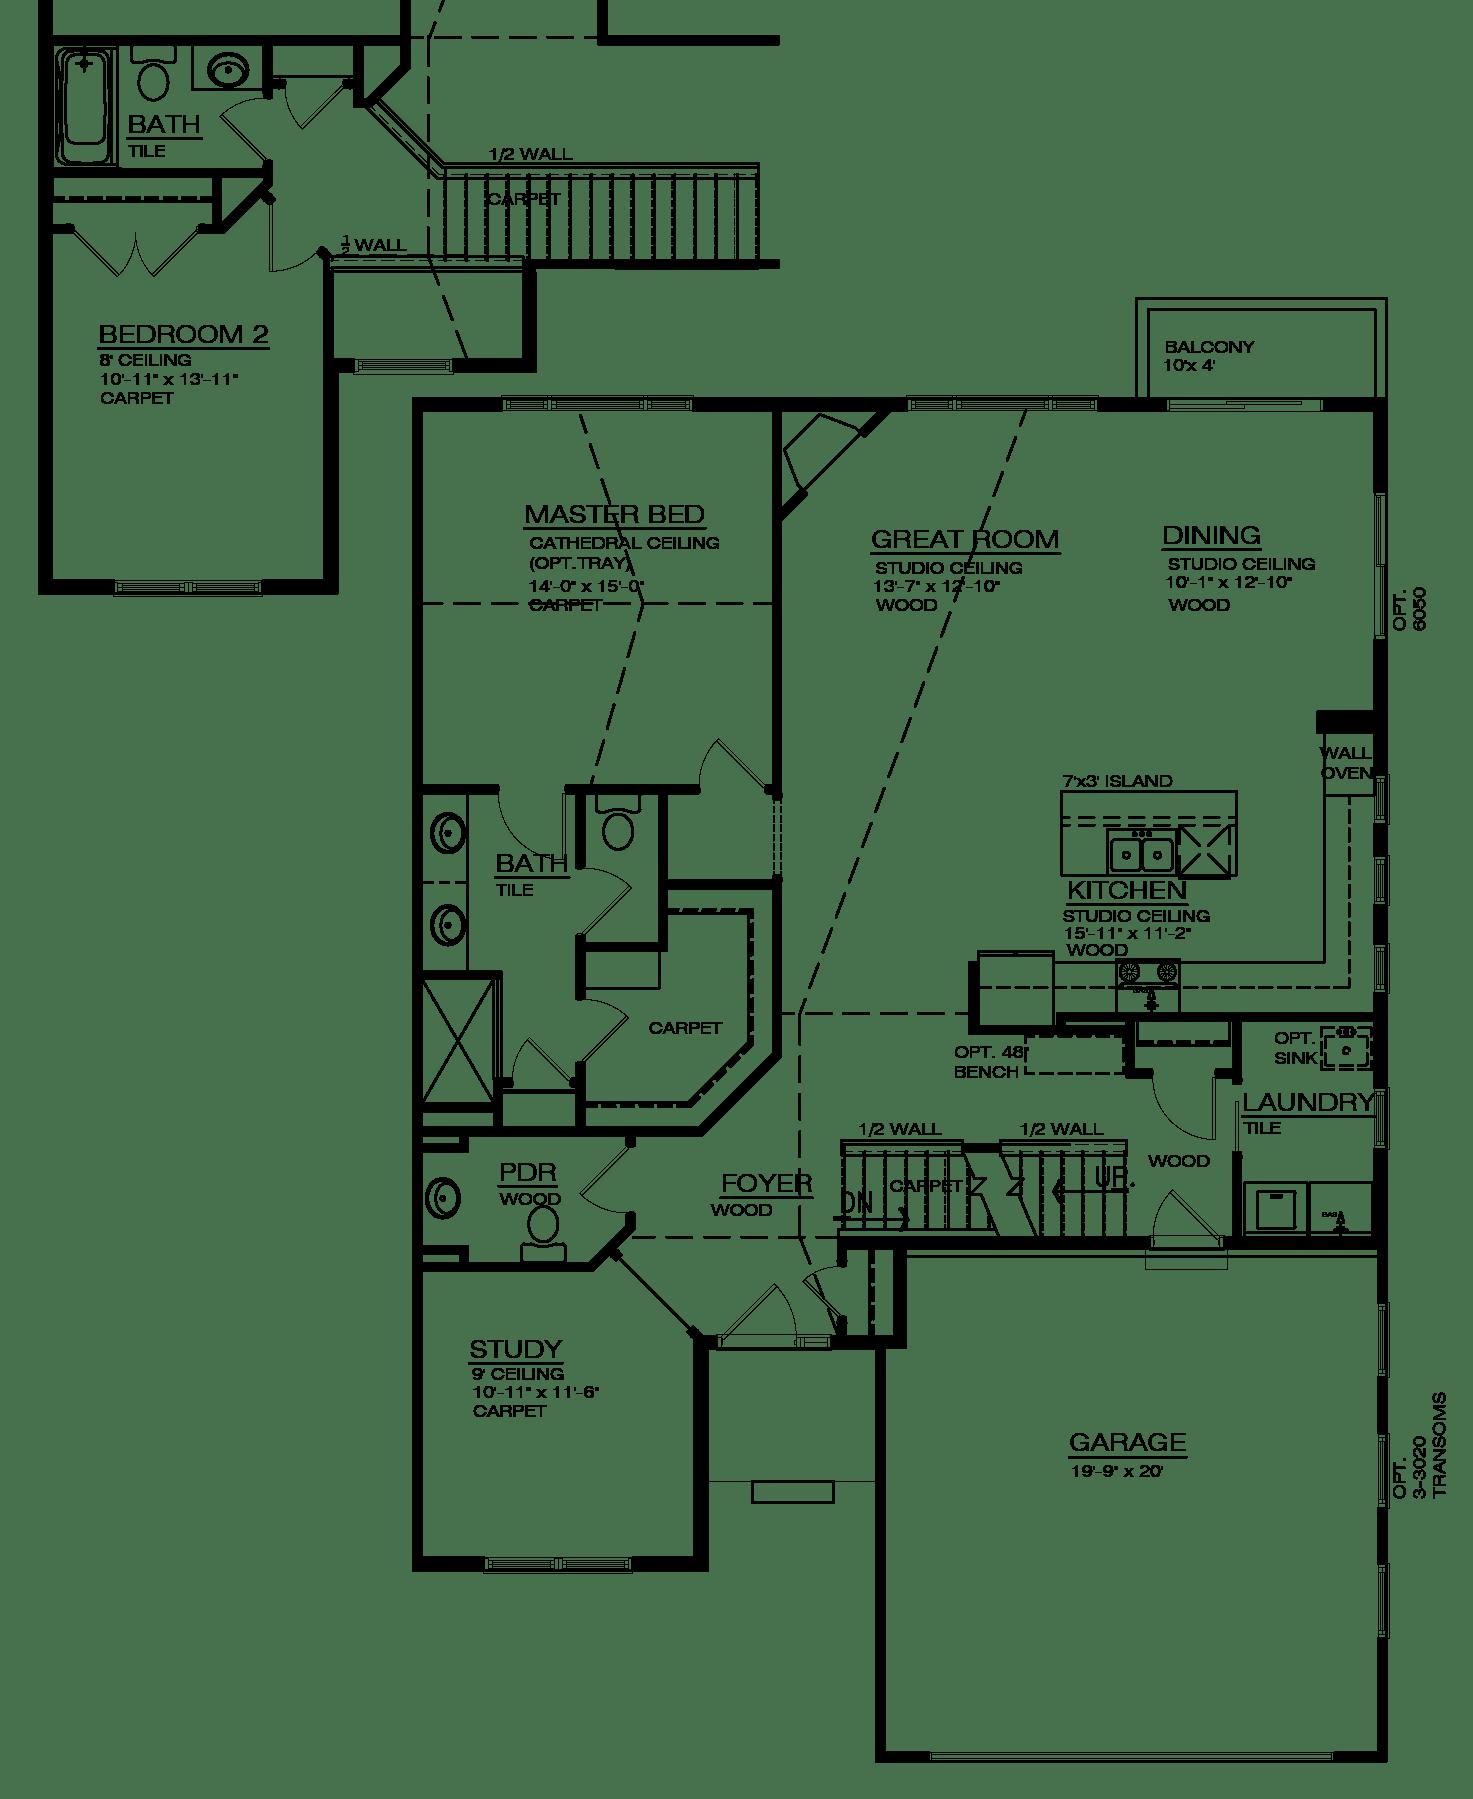 Gallery Pointe Belford Floor Plan